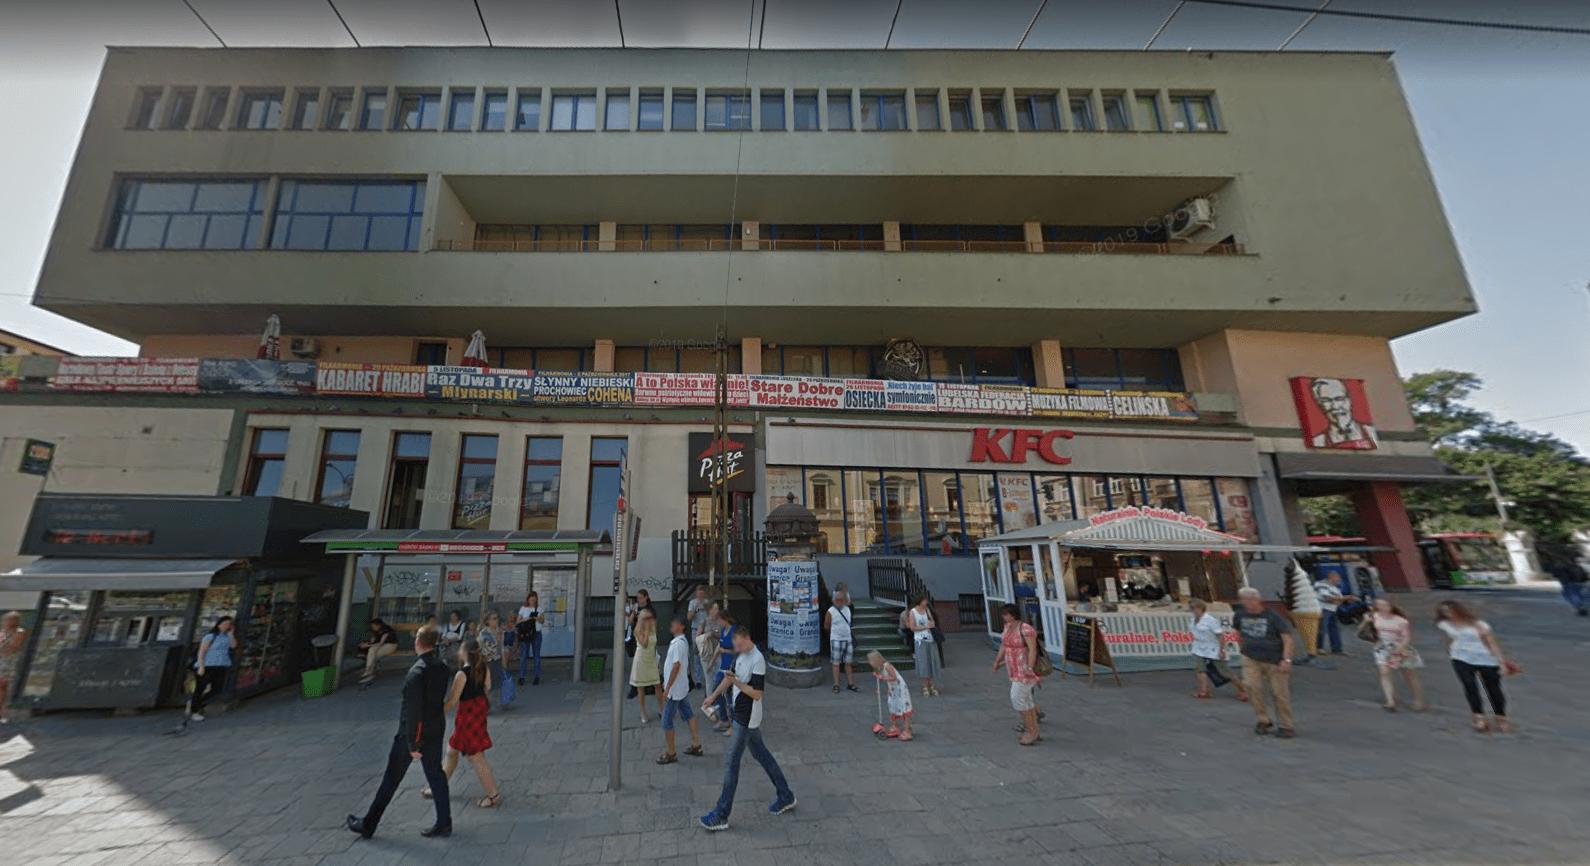 Lublin: Prezes spółki winny rażącego naruszenia prawa. Poszło o reklamy na budynku Astorii - Zdjęcie główne